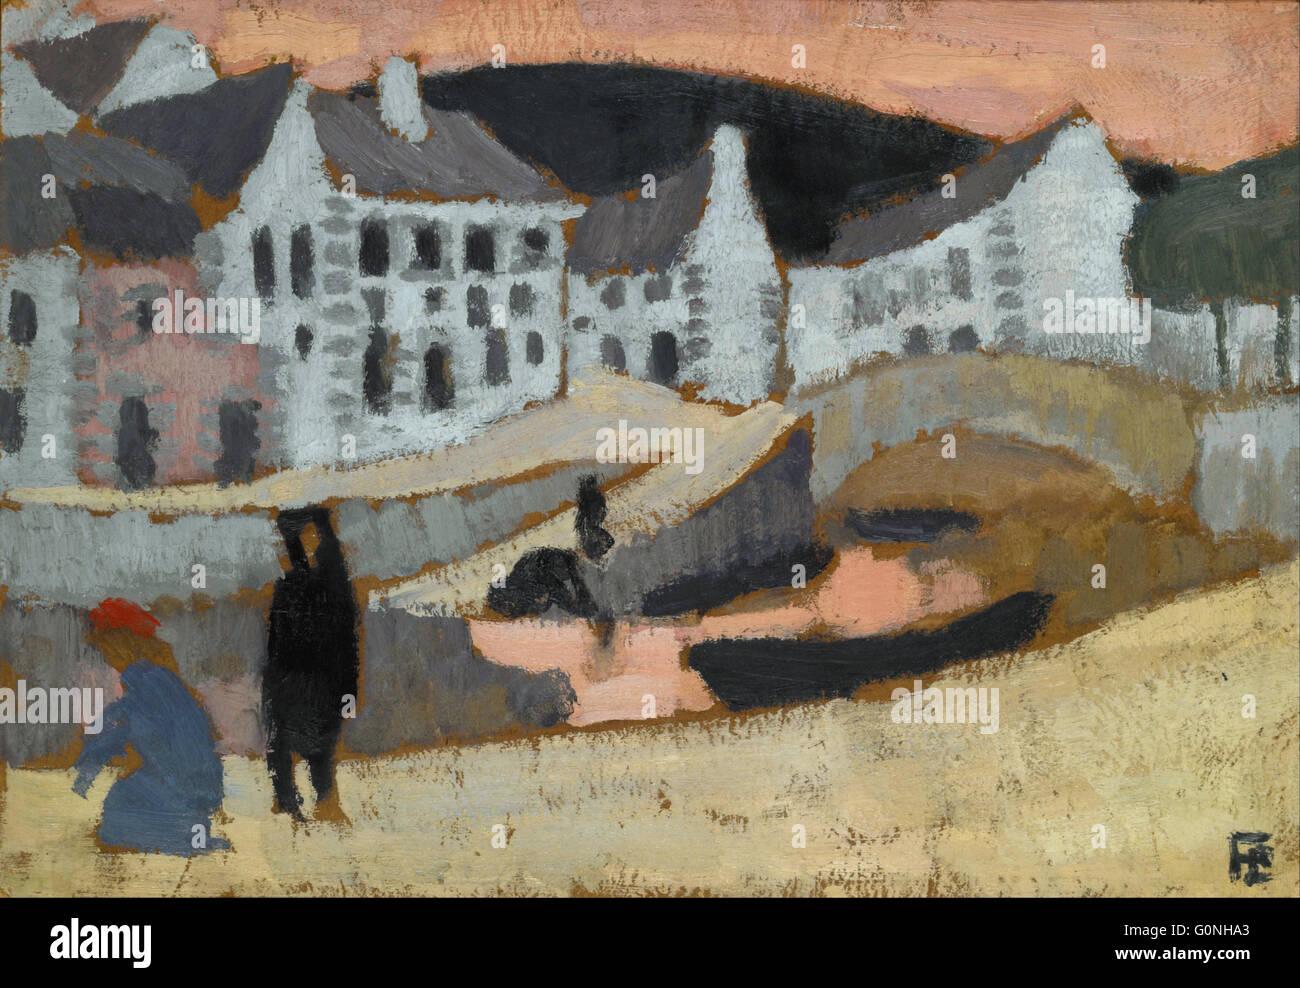 La Fresnaye, Roger de - El Canal, el paisaje de Bretaña Foto de stock